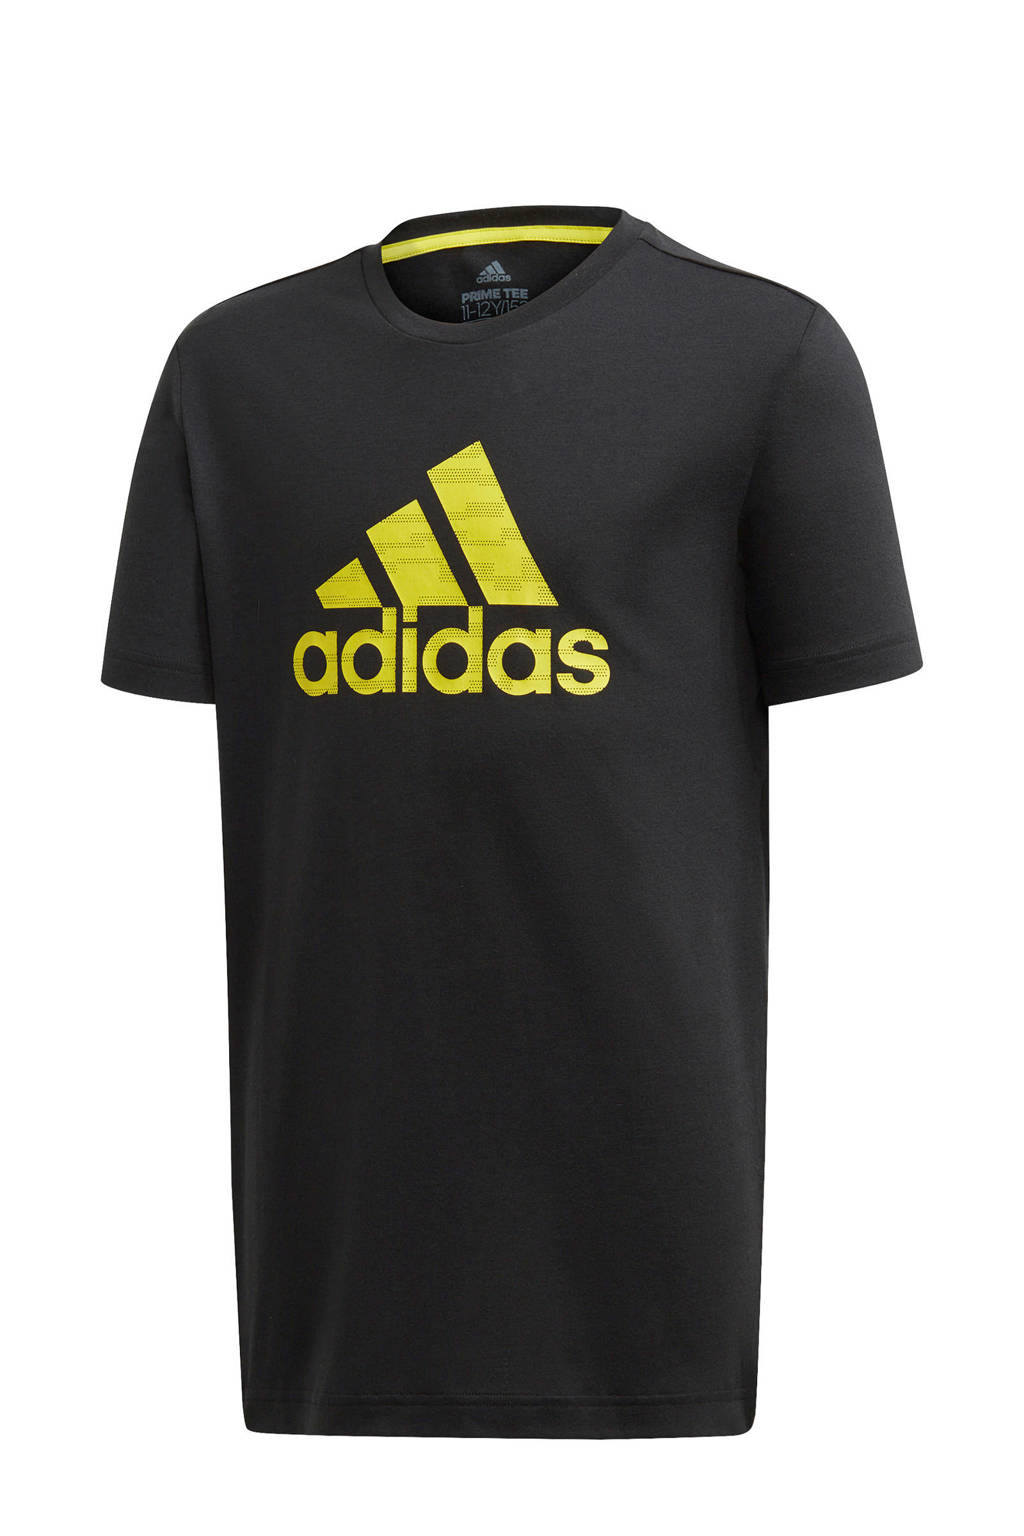 adidas Performance   sport T-shirt zwart/geel, Zwart/geel